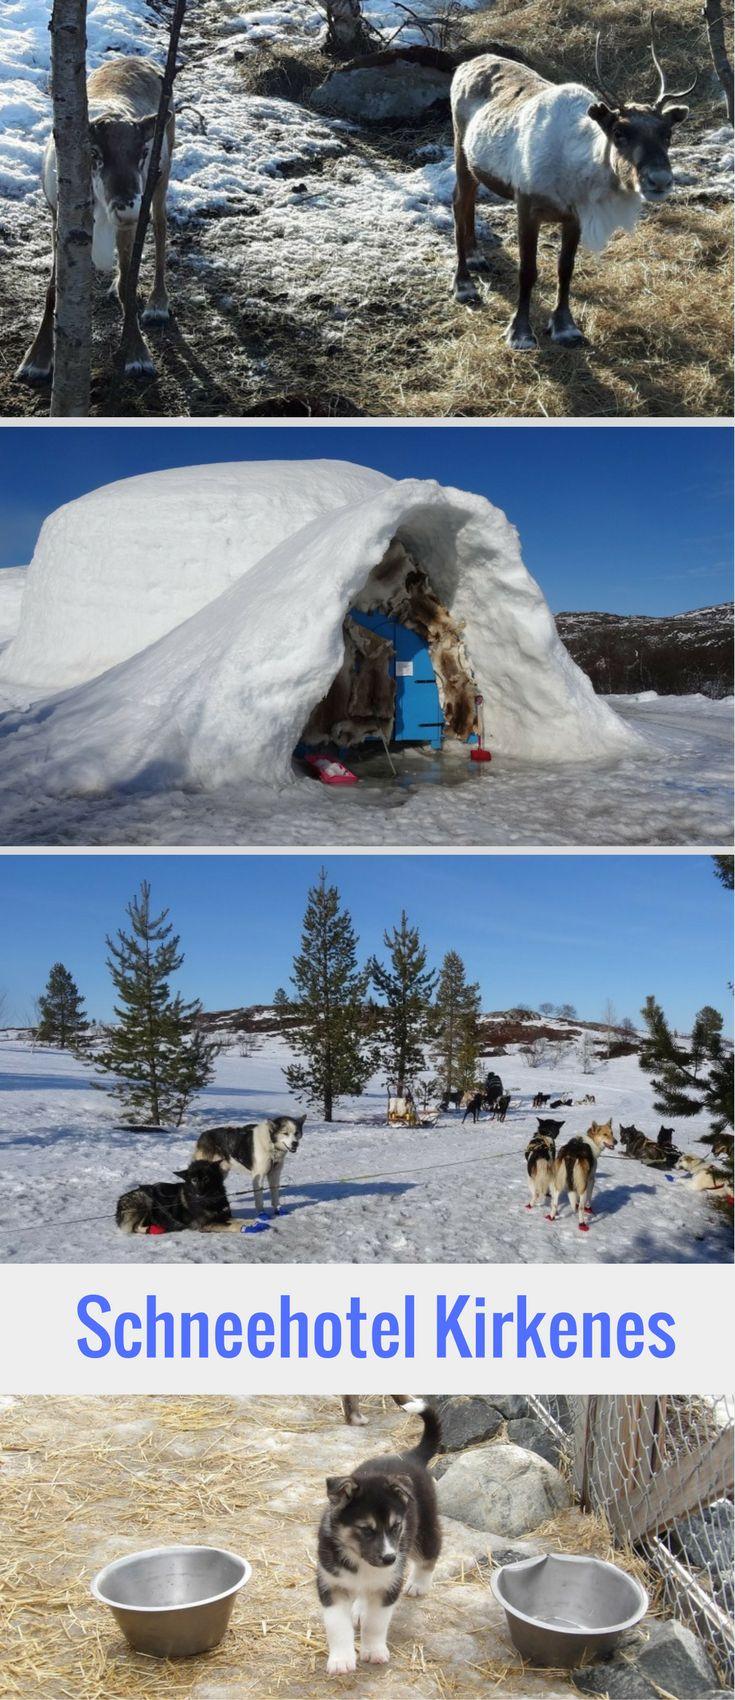 Das Schneehotel in Kirkenes im Norden von Norwegen hat so einiges zu bieten: Hundeschlittenfahren, Schneeschuhwandern und Schneemobiltouren. Dazu kannst du dir die knuffigen Rentiere oder Schlittenhund-Welpen ansehen. Das Hotel wird jeden Winter aus Schnee neu errichtet, samt Eisbar und Eisskulpturen.